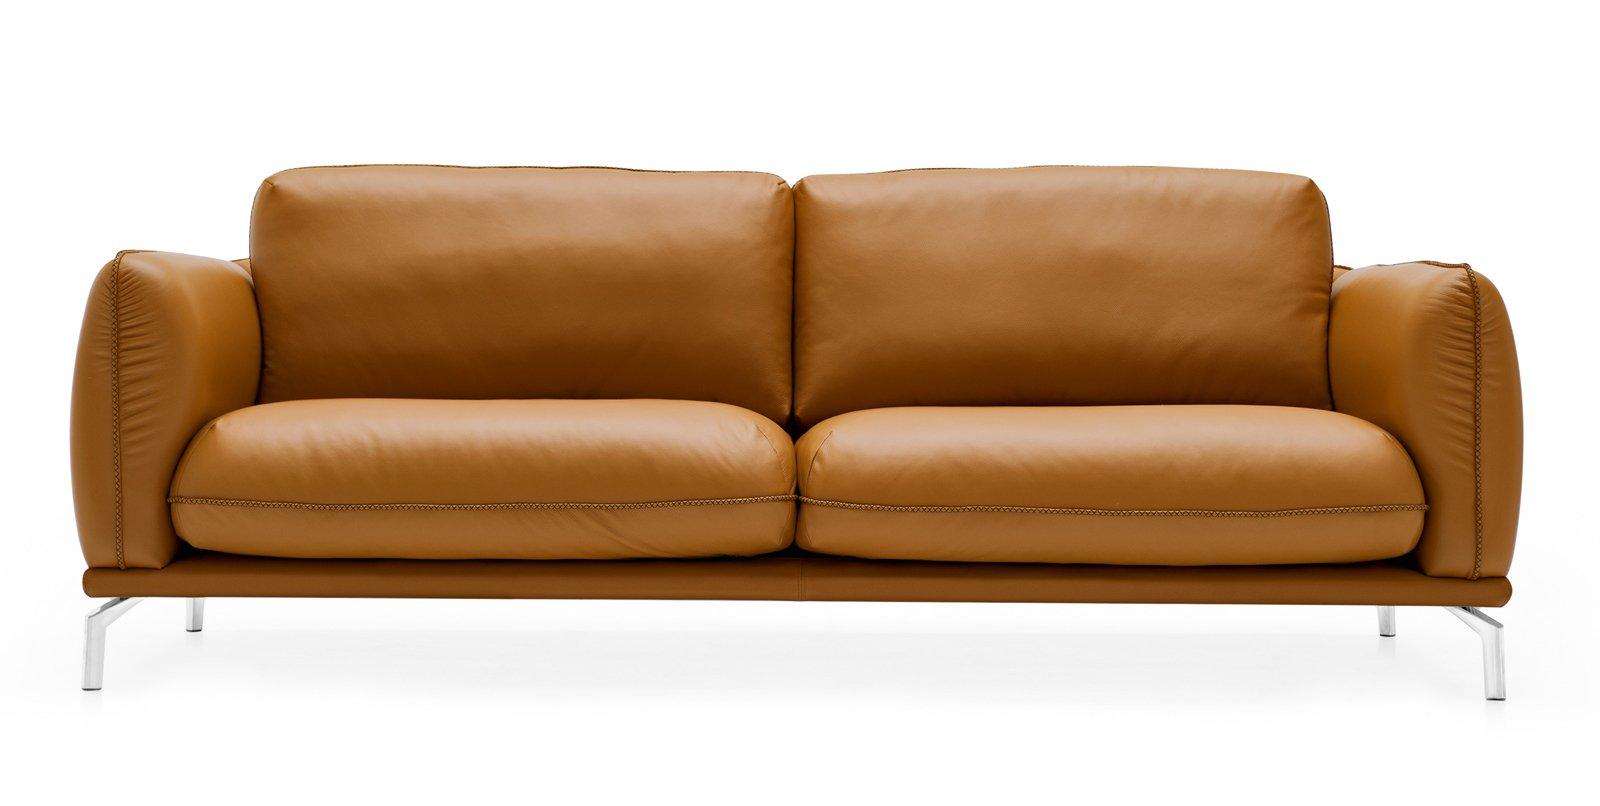 Divani piccoli, a due o tre posti: design per il relax - Cose di Casa